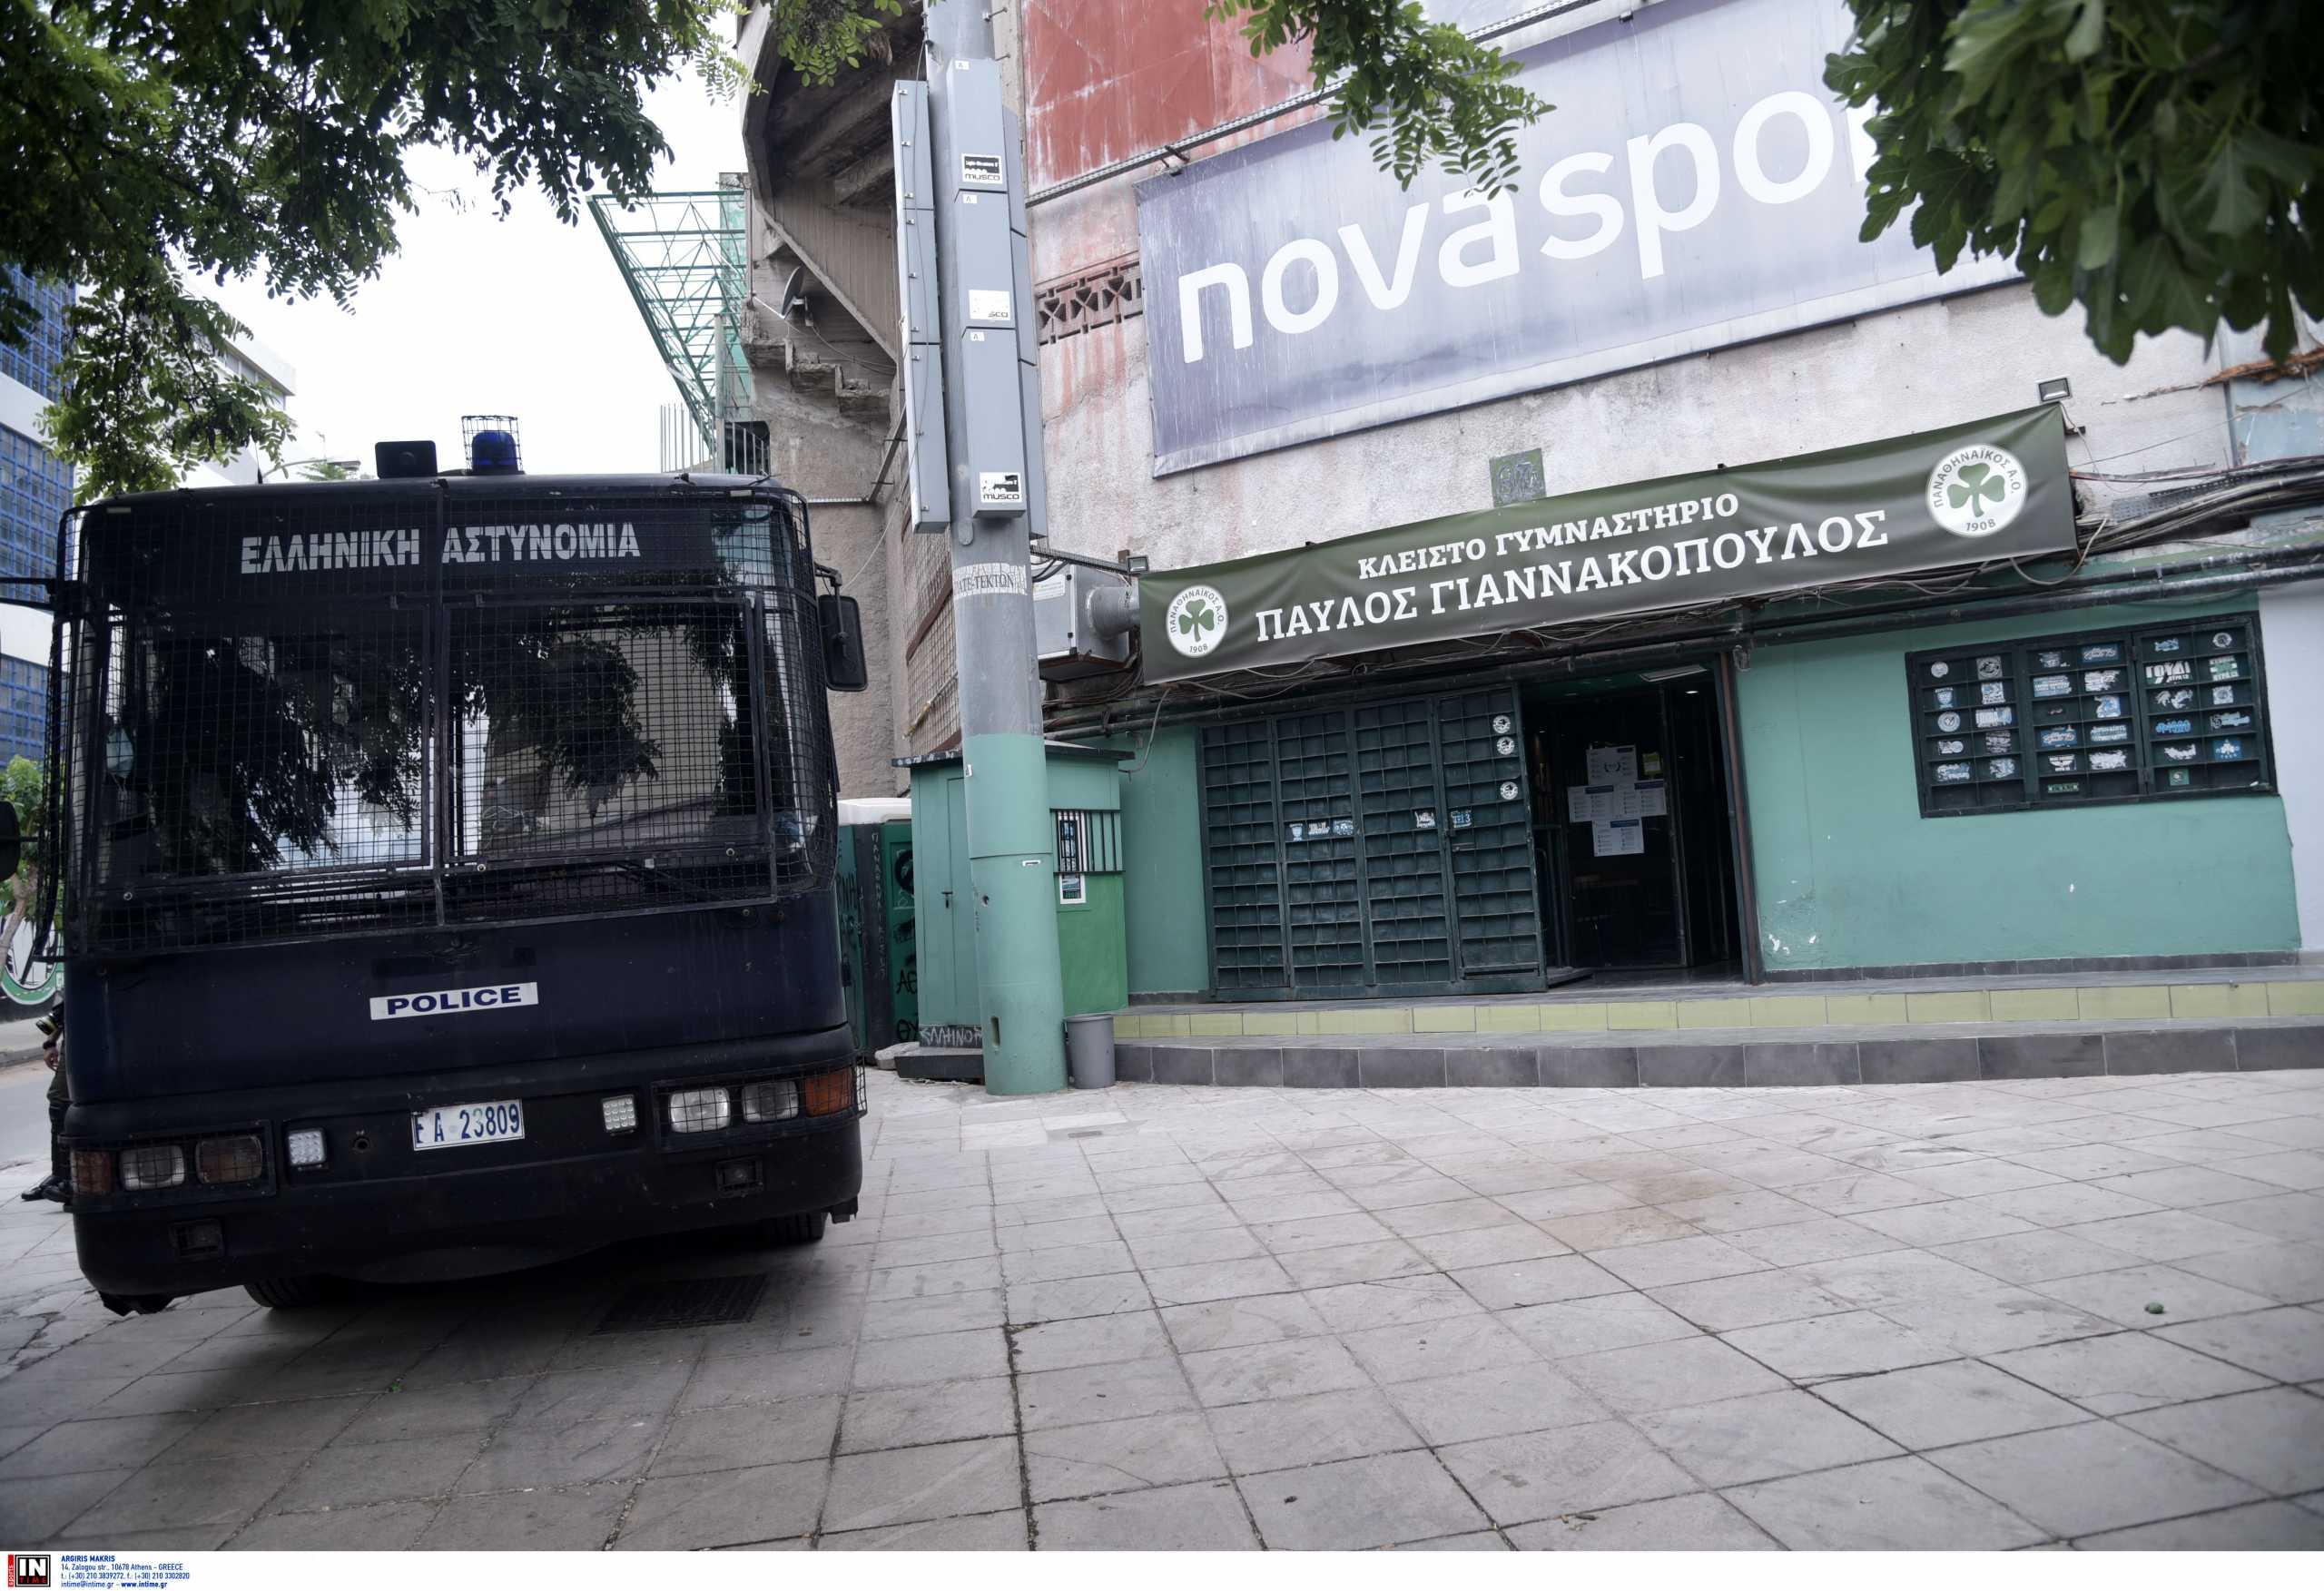 Εκλογές ΕΟΚ: Αστυνομικές δυνάμεις γύρω από την Λεωφόρο παρά την αναβολή